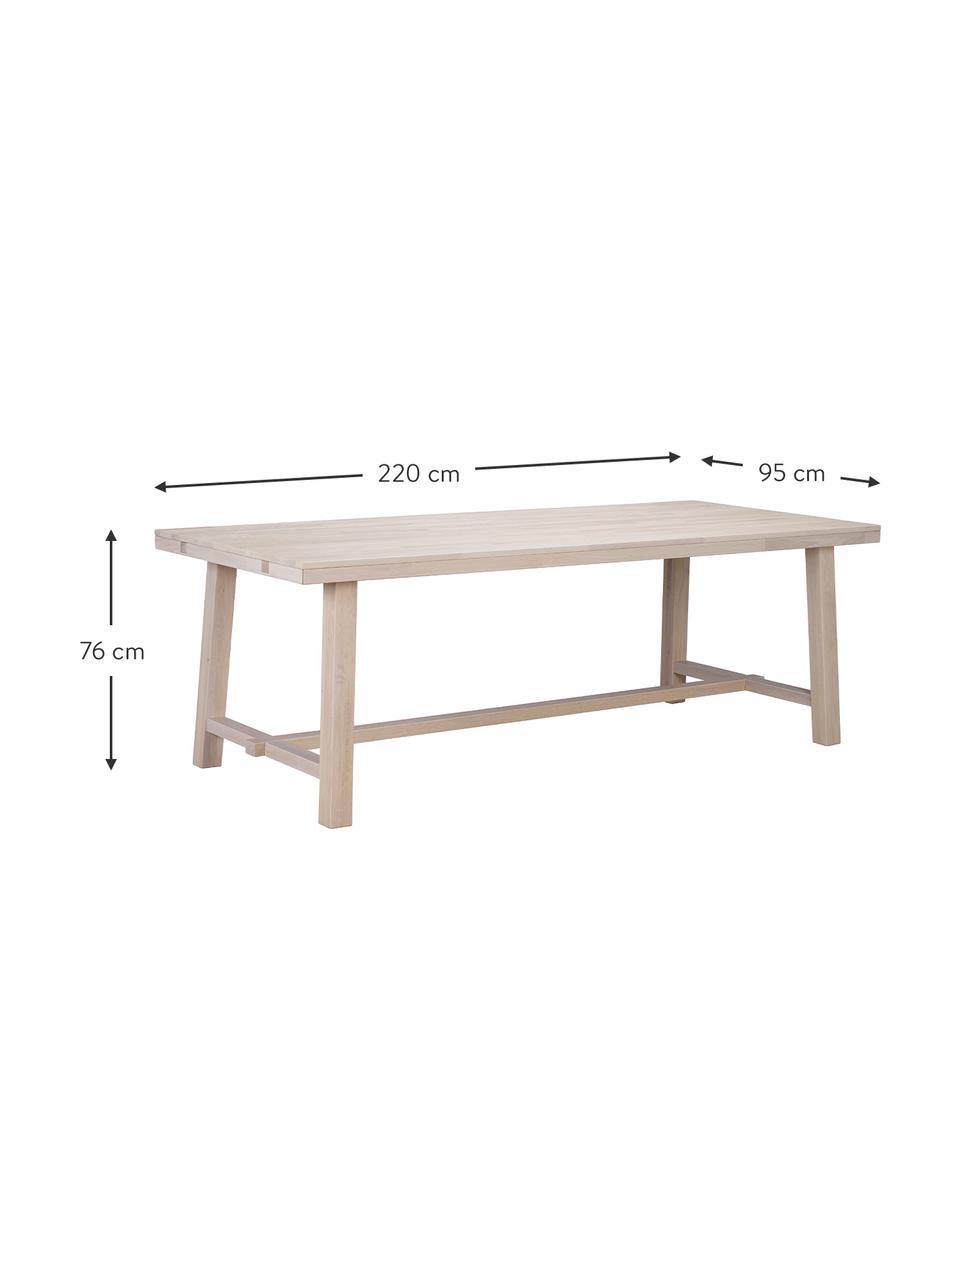 Esstisch Brooklyn mit Massivholzplatte, 220 x 95 cm, Massives Eichenholz, weiß gewaschen und geölt, Eiche, weiß gewaschen, B 220 x T 95 cm